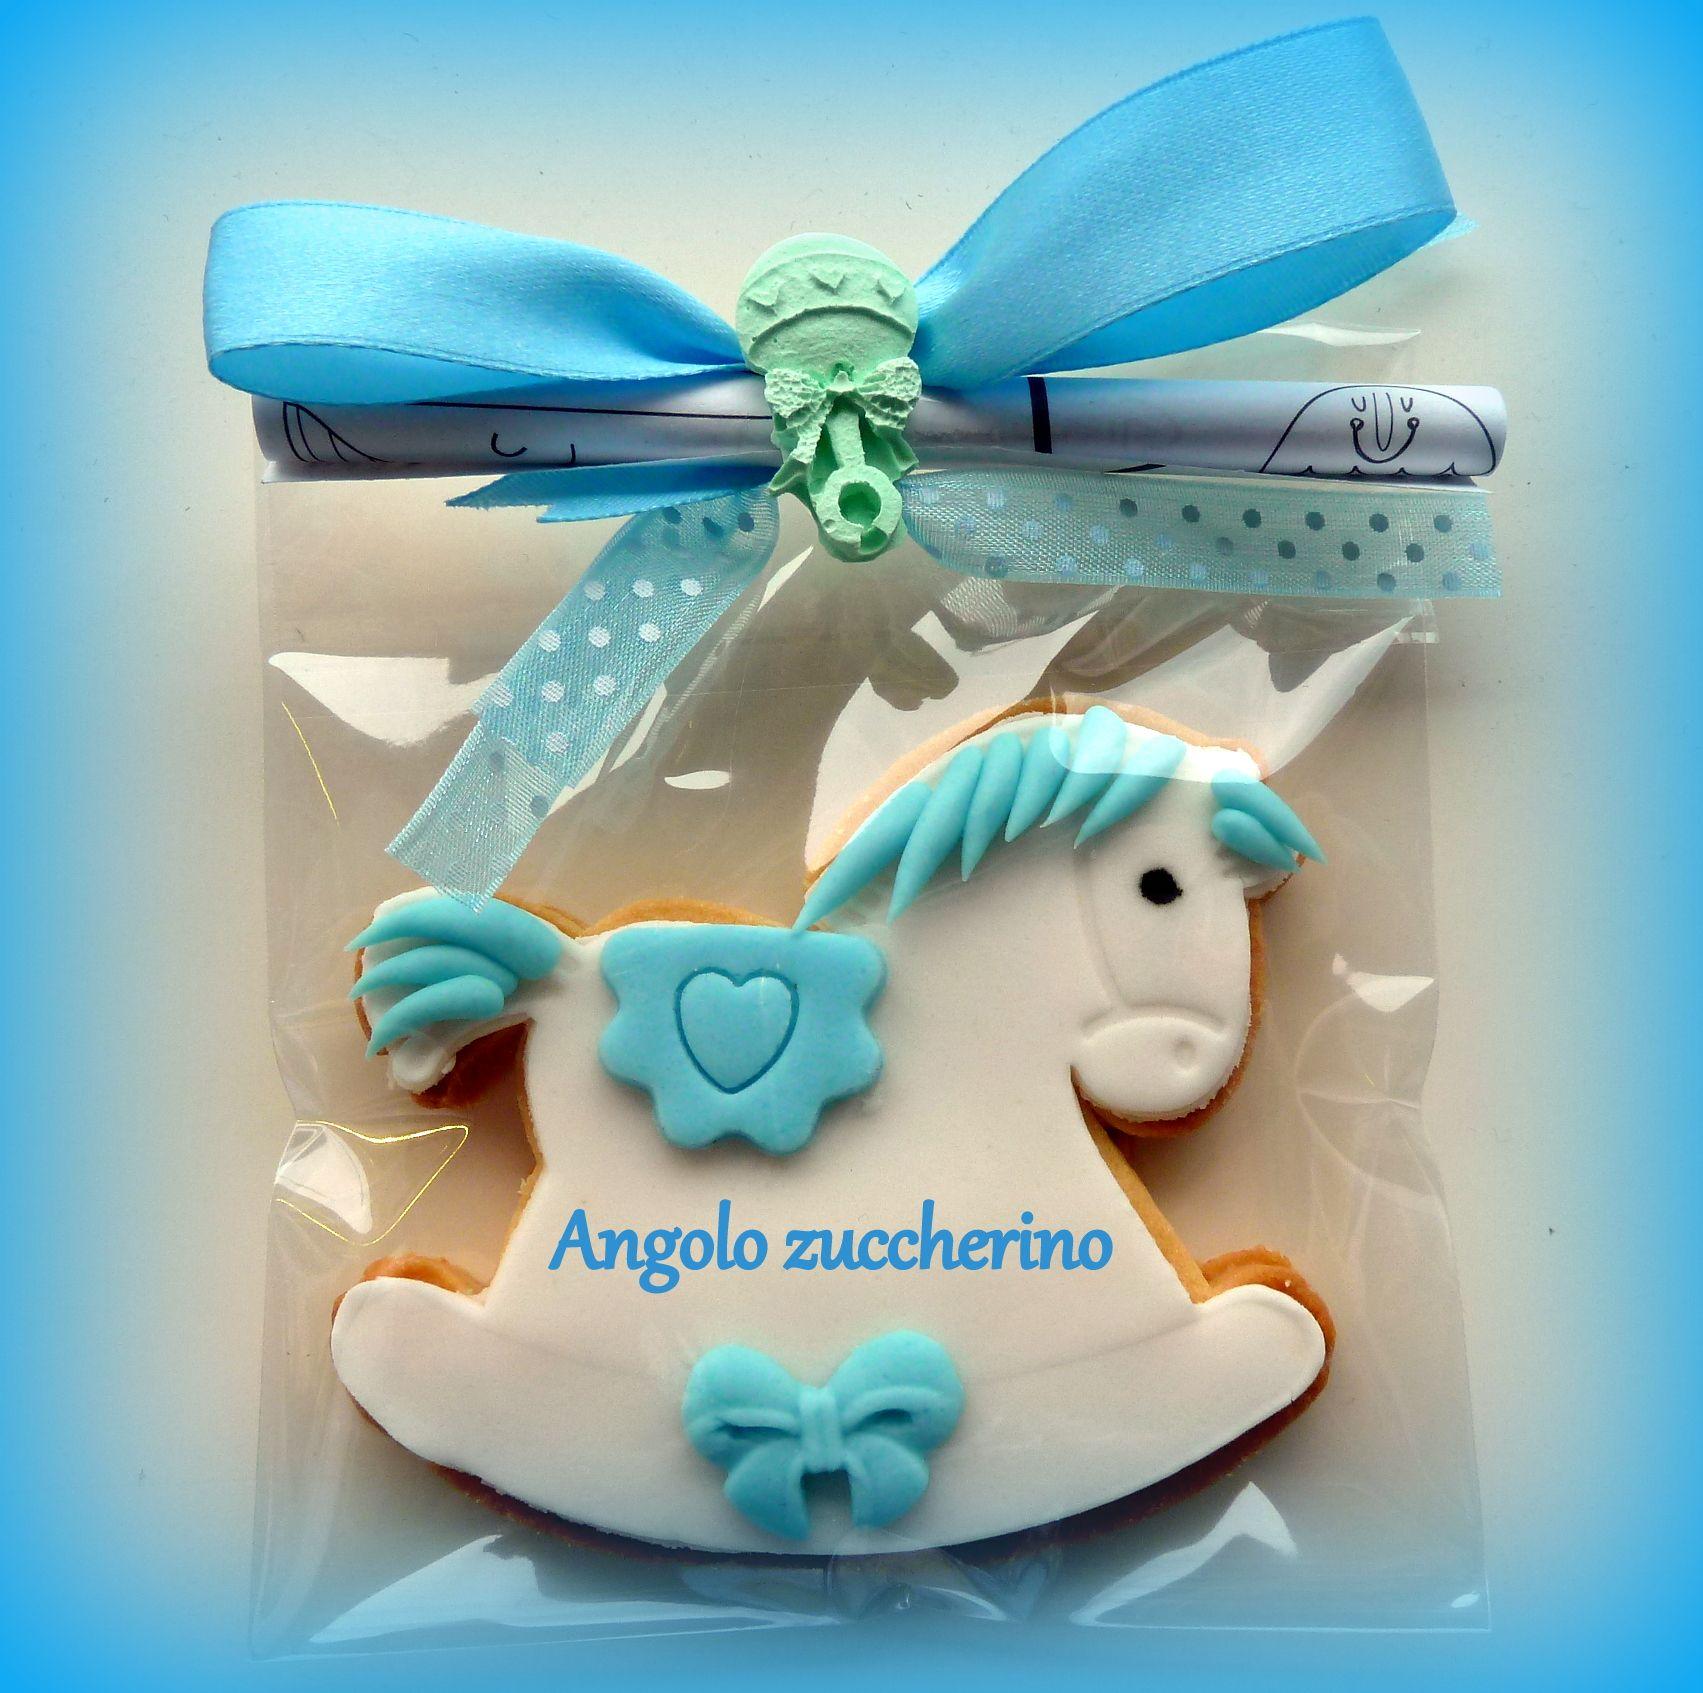 Biscotti Cavallo A Dondolo Pasta Di Zucchero.Biscotto Decorato In Pasta Di Zucchero Cavallino A Dondolo